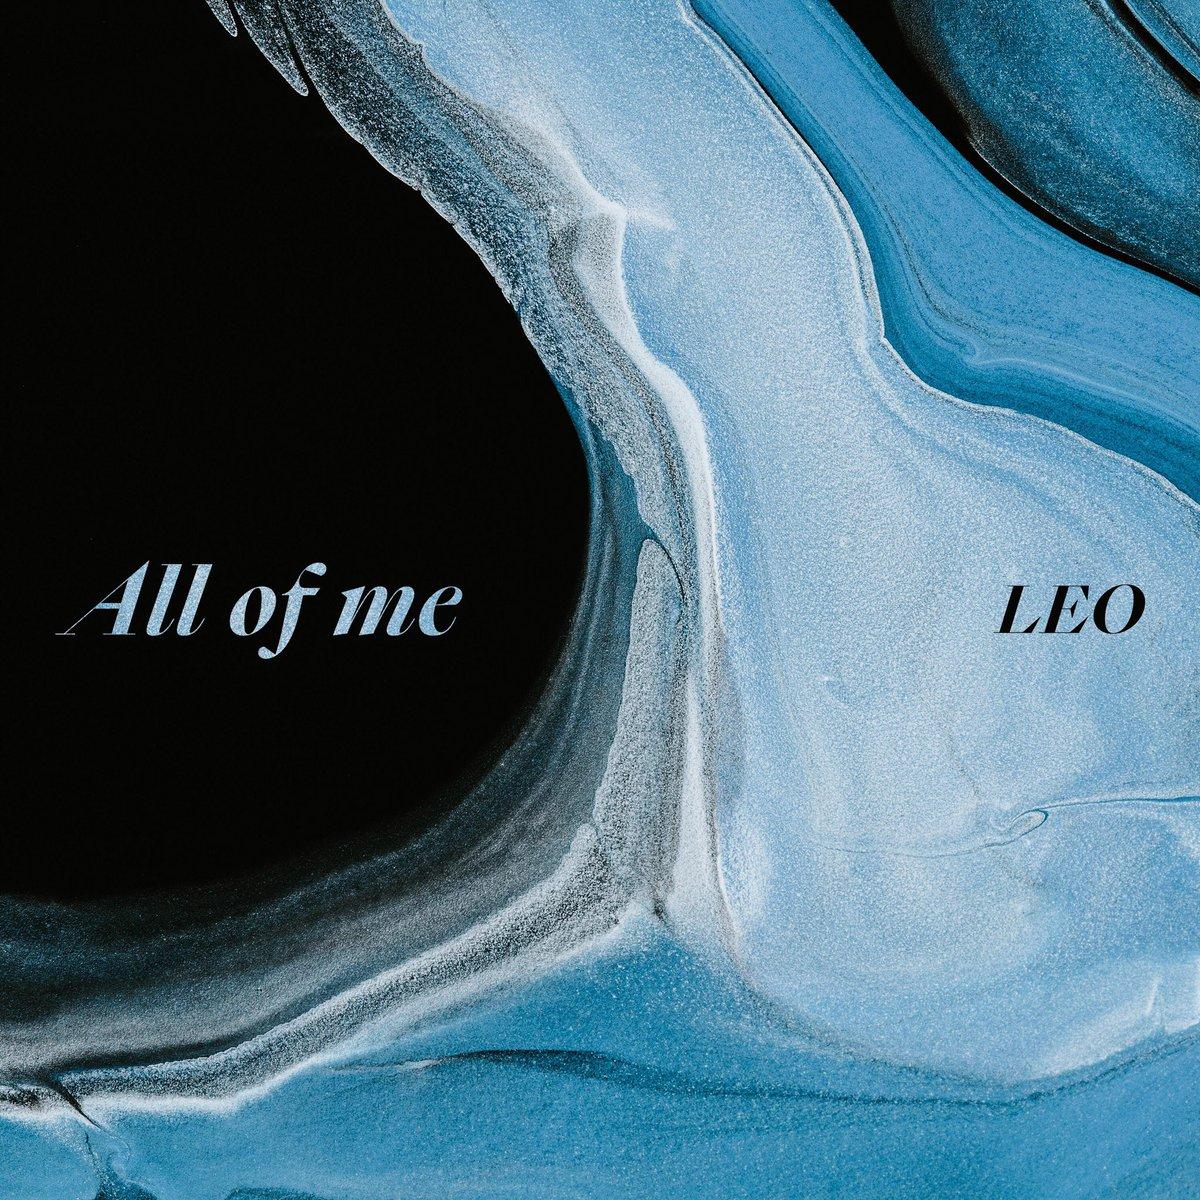 레오(LEO) All of me 2019. 11. 10 6PM (KST) Release #레오 #LEO #All_of_me #20191110_6PM